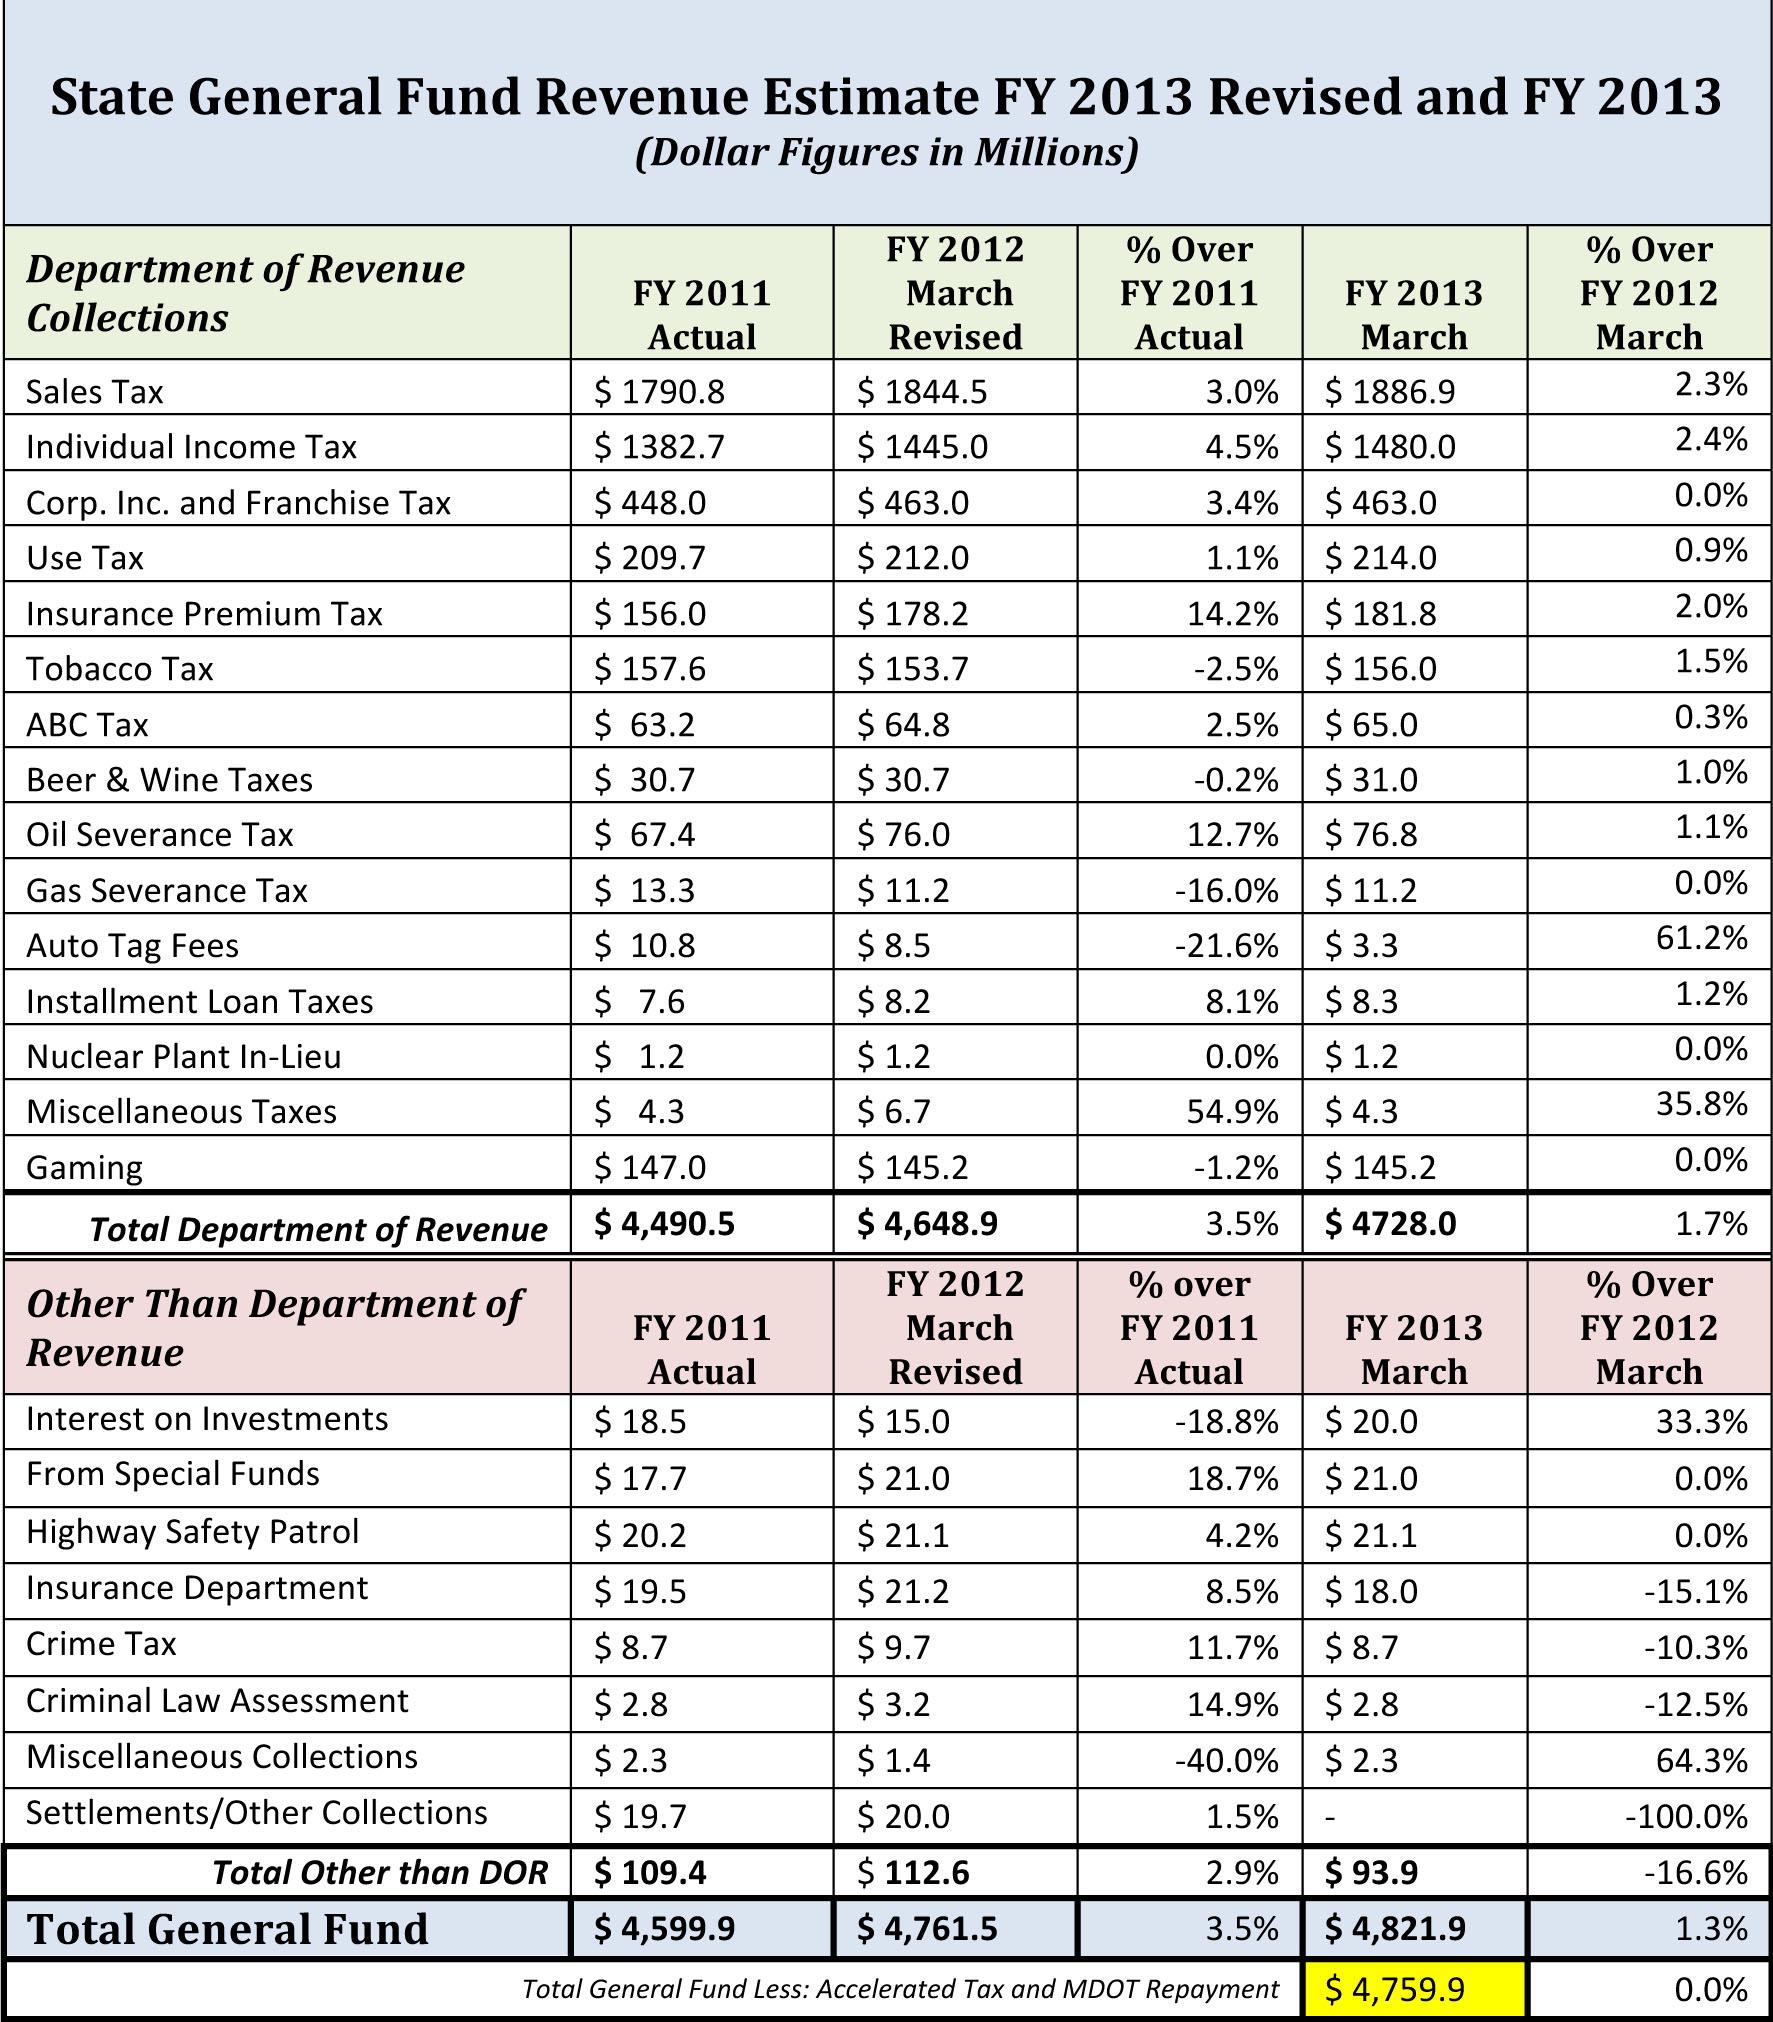 Microsoft Word - State General Fund Updated Revenue Estimate (Ma